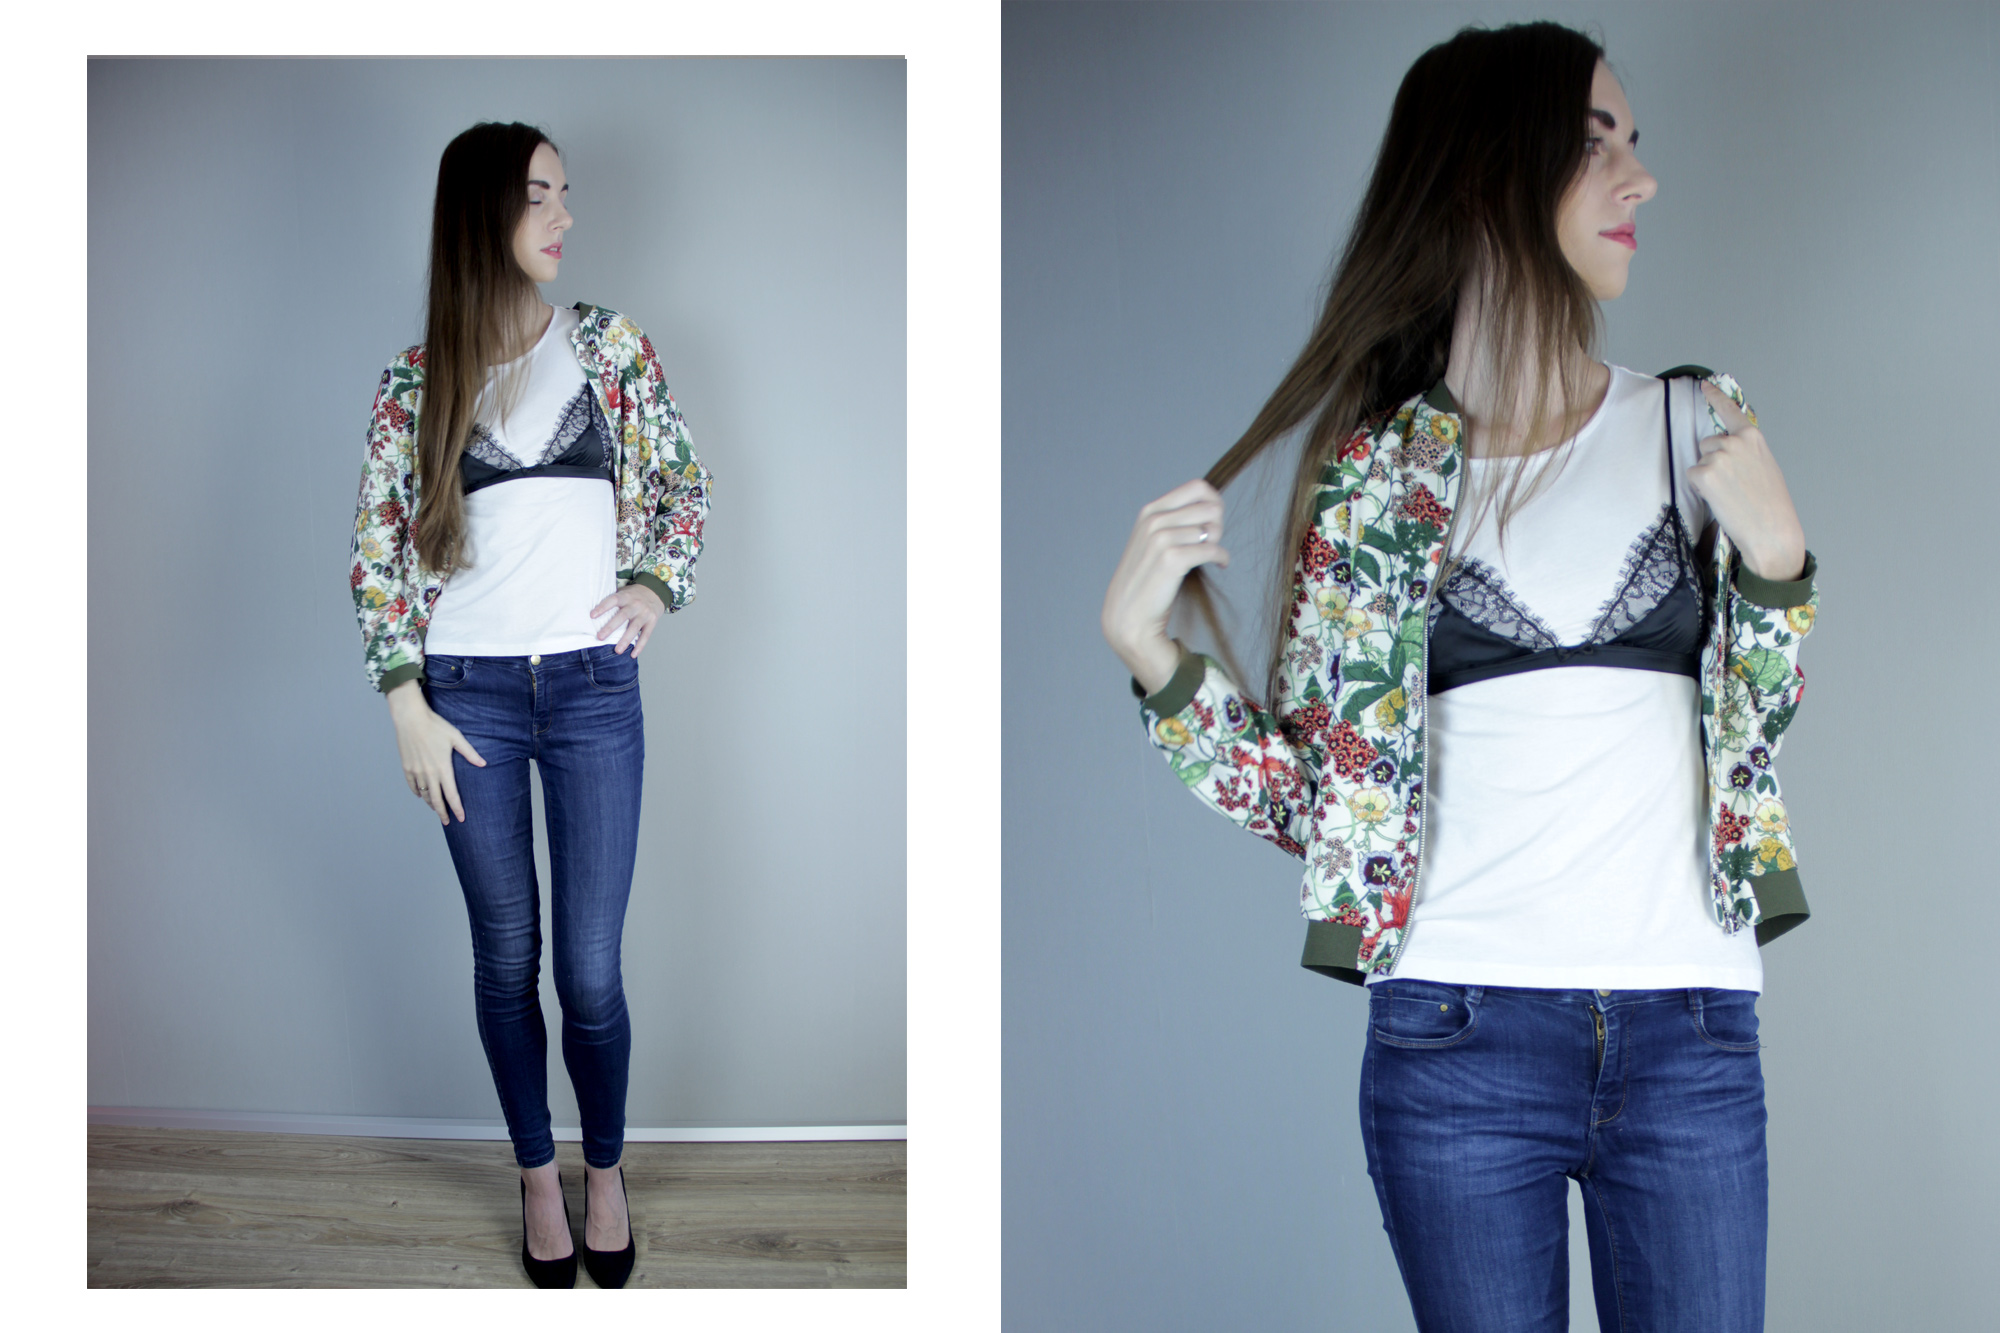 Нижнее белье в качестве верхней одежды. Показываю как стилизовать бюстгальтер верхним слоем поверх платья. Фото: Garterblog.ru